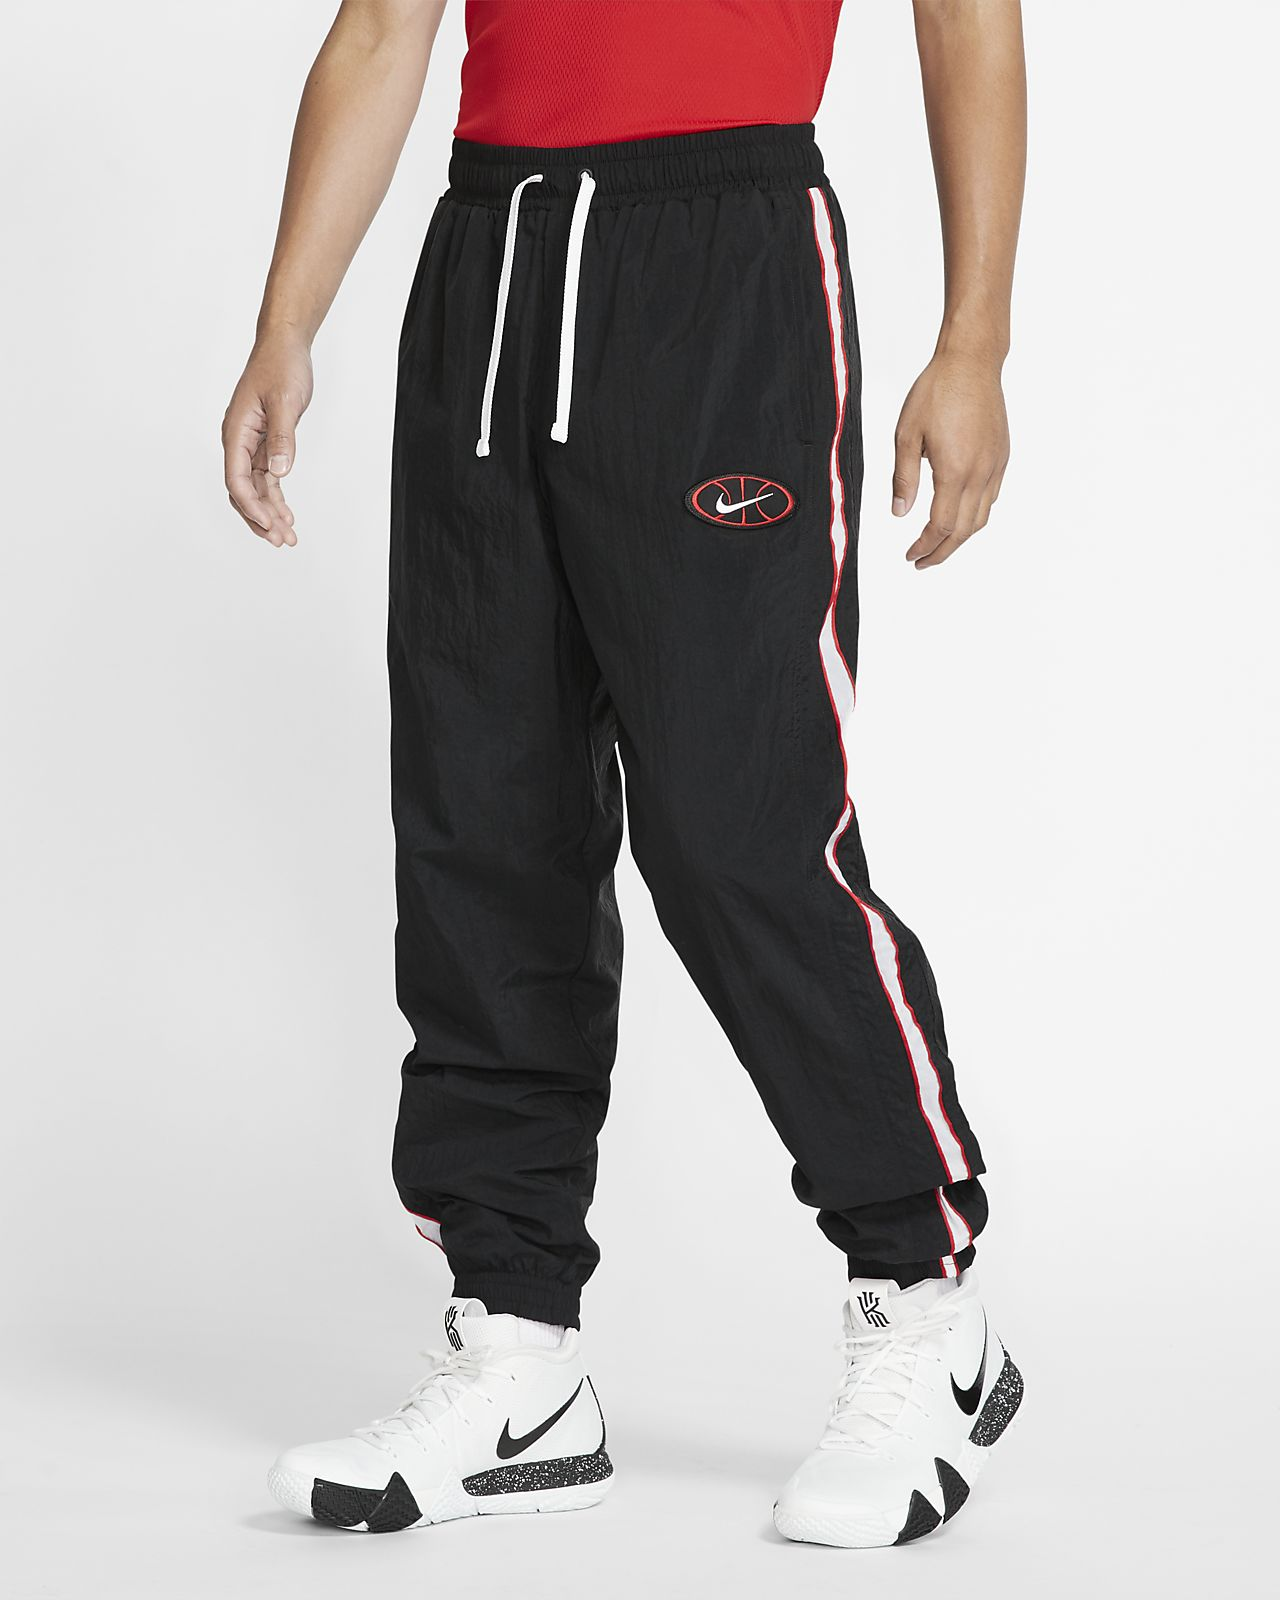 Pantalones de básquetbol de tejido Woven para hombre Nike Throwback